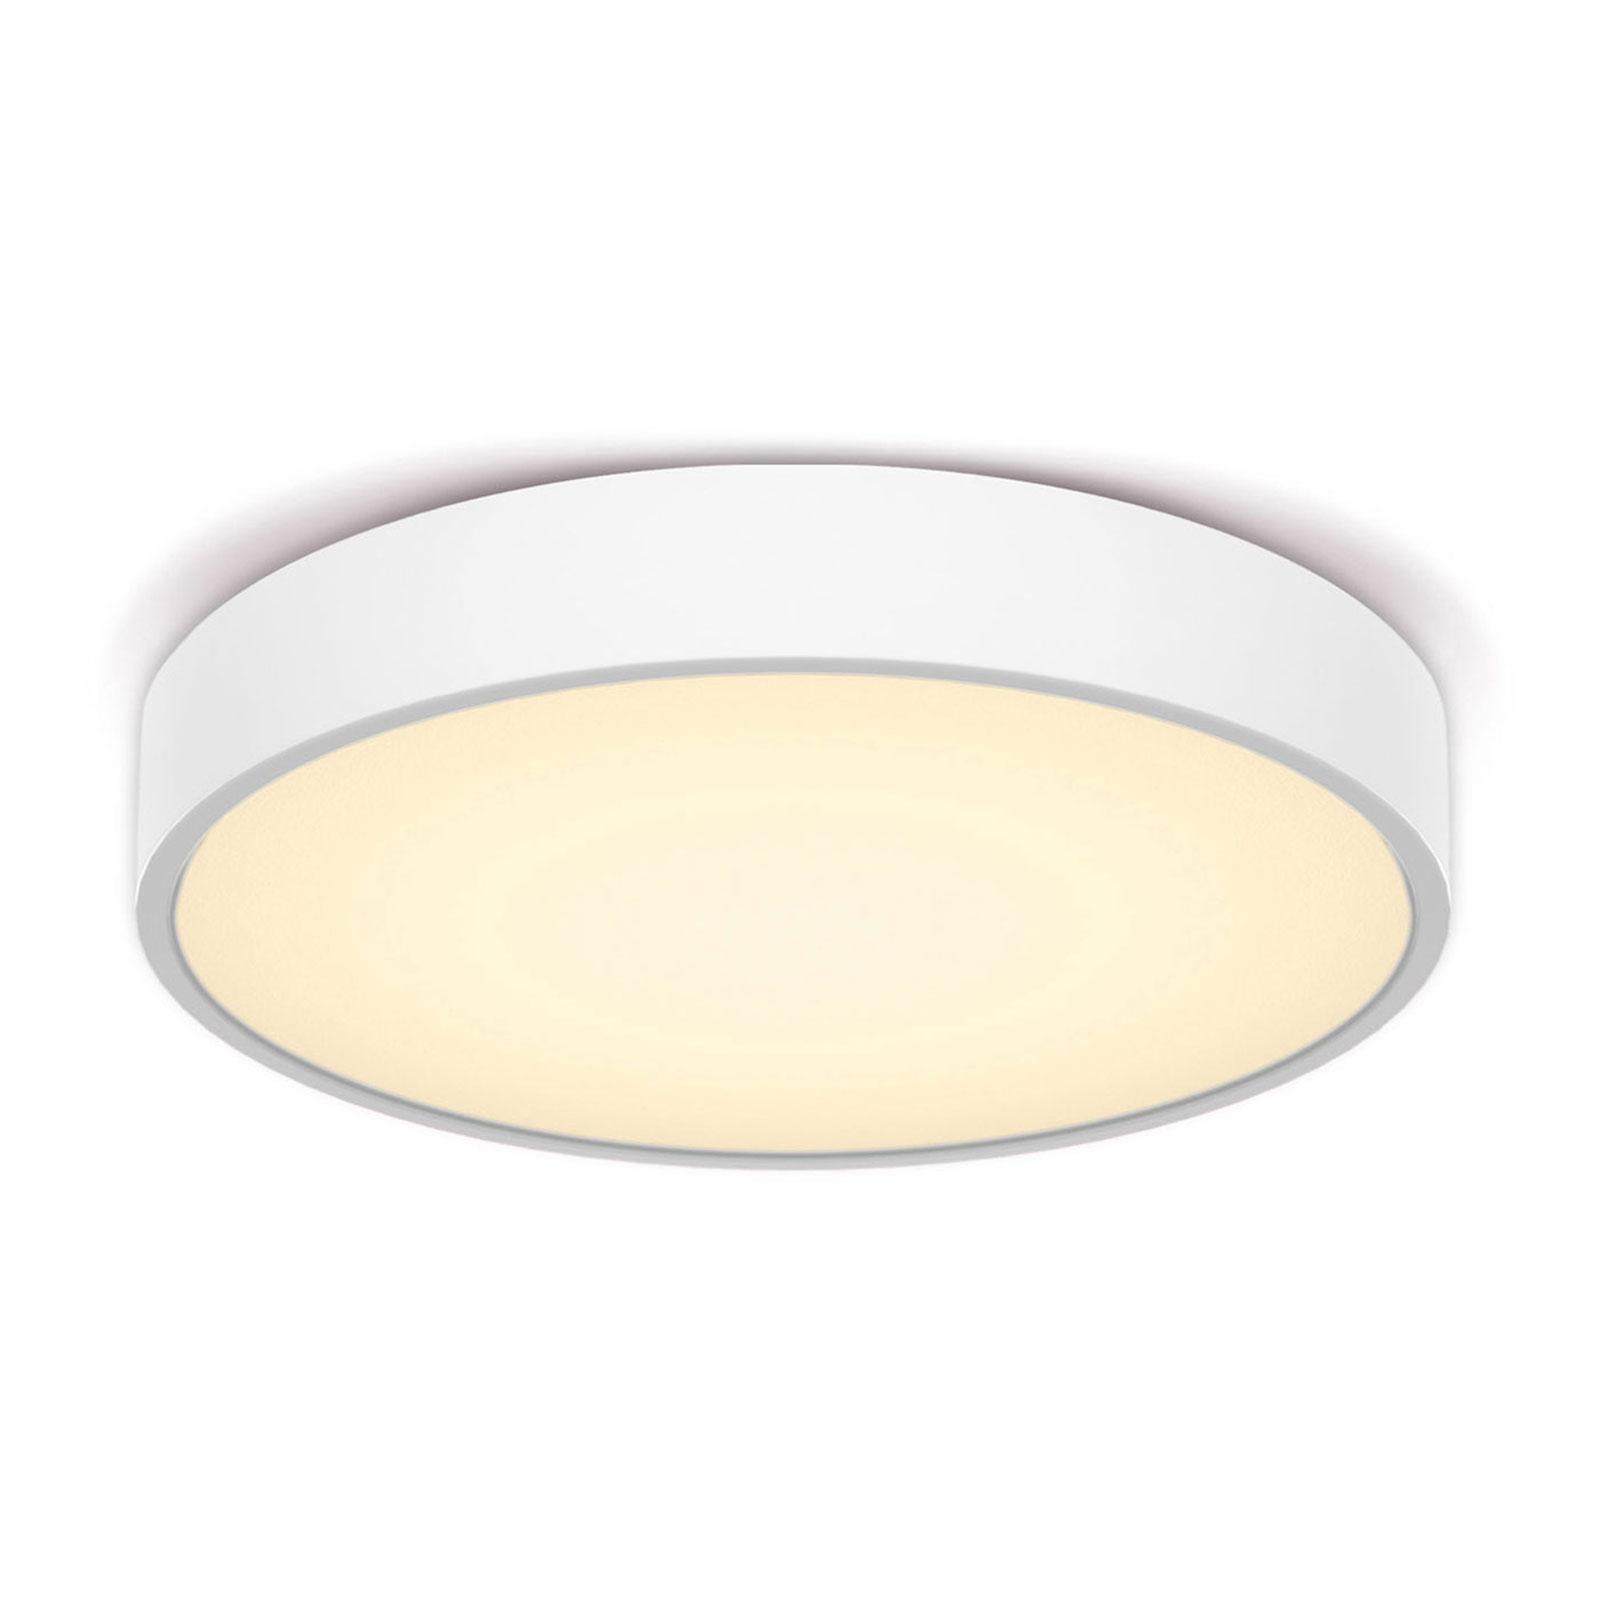 Innr LED-Deckenleuchte RCL 110, rund, weiß